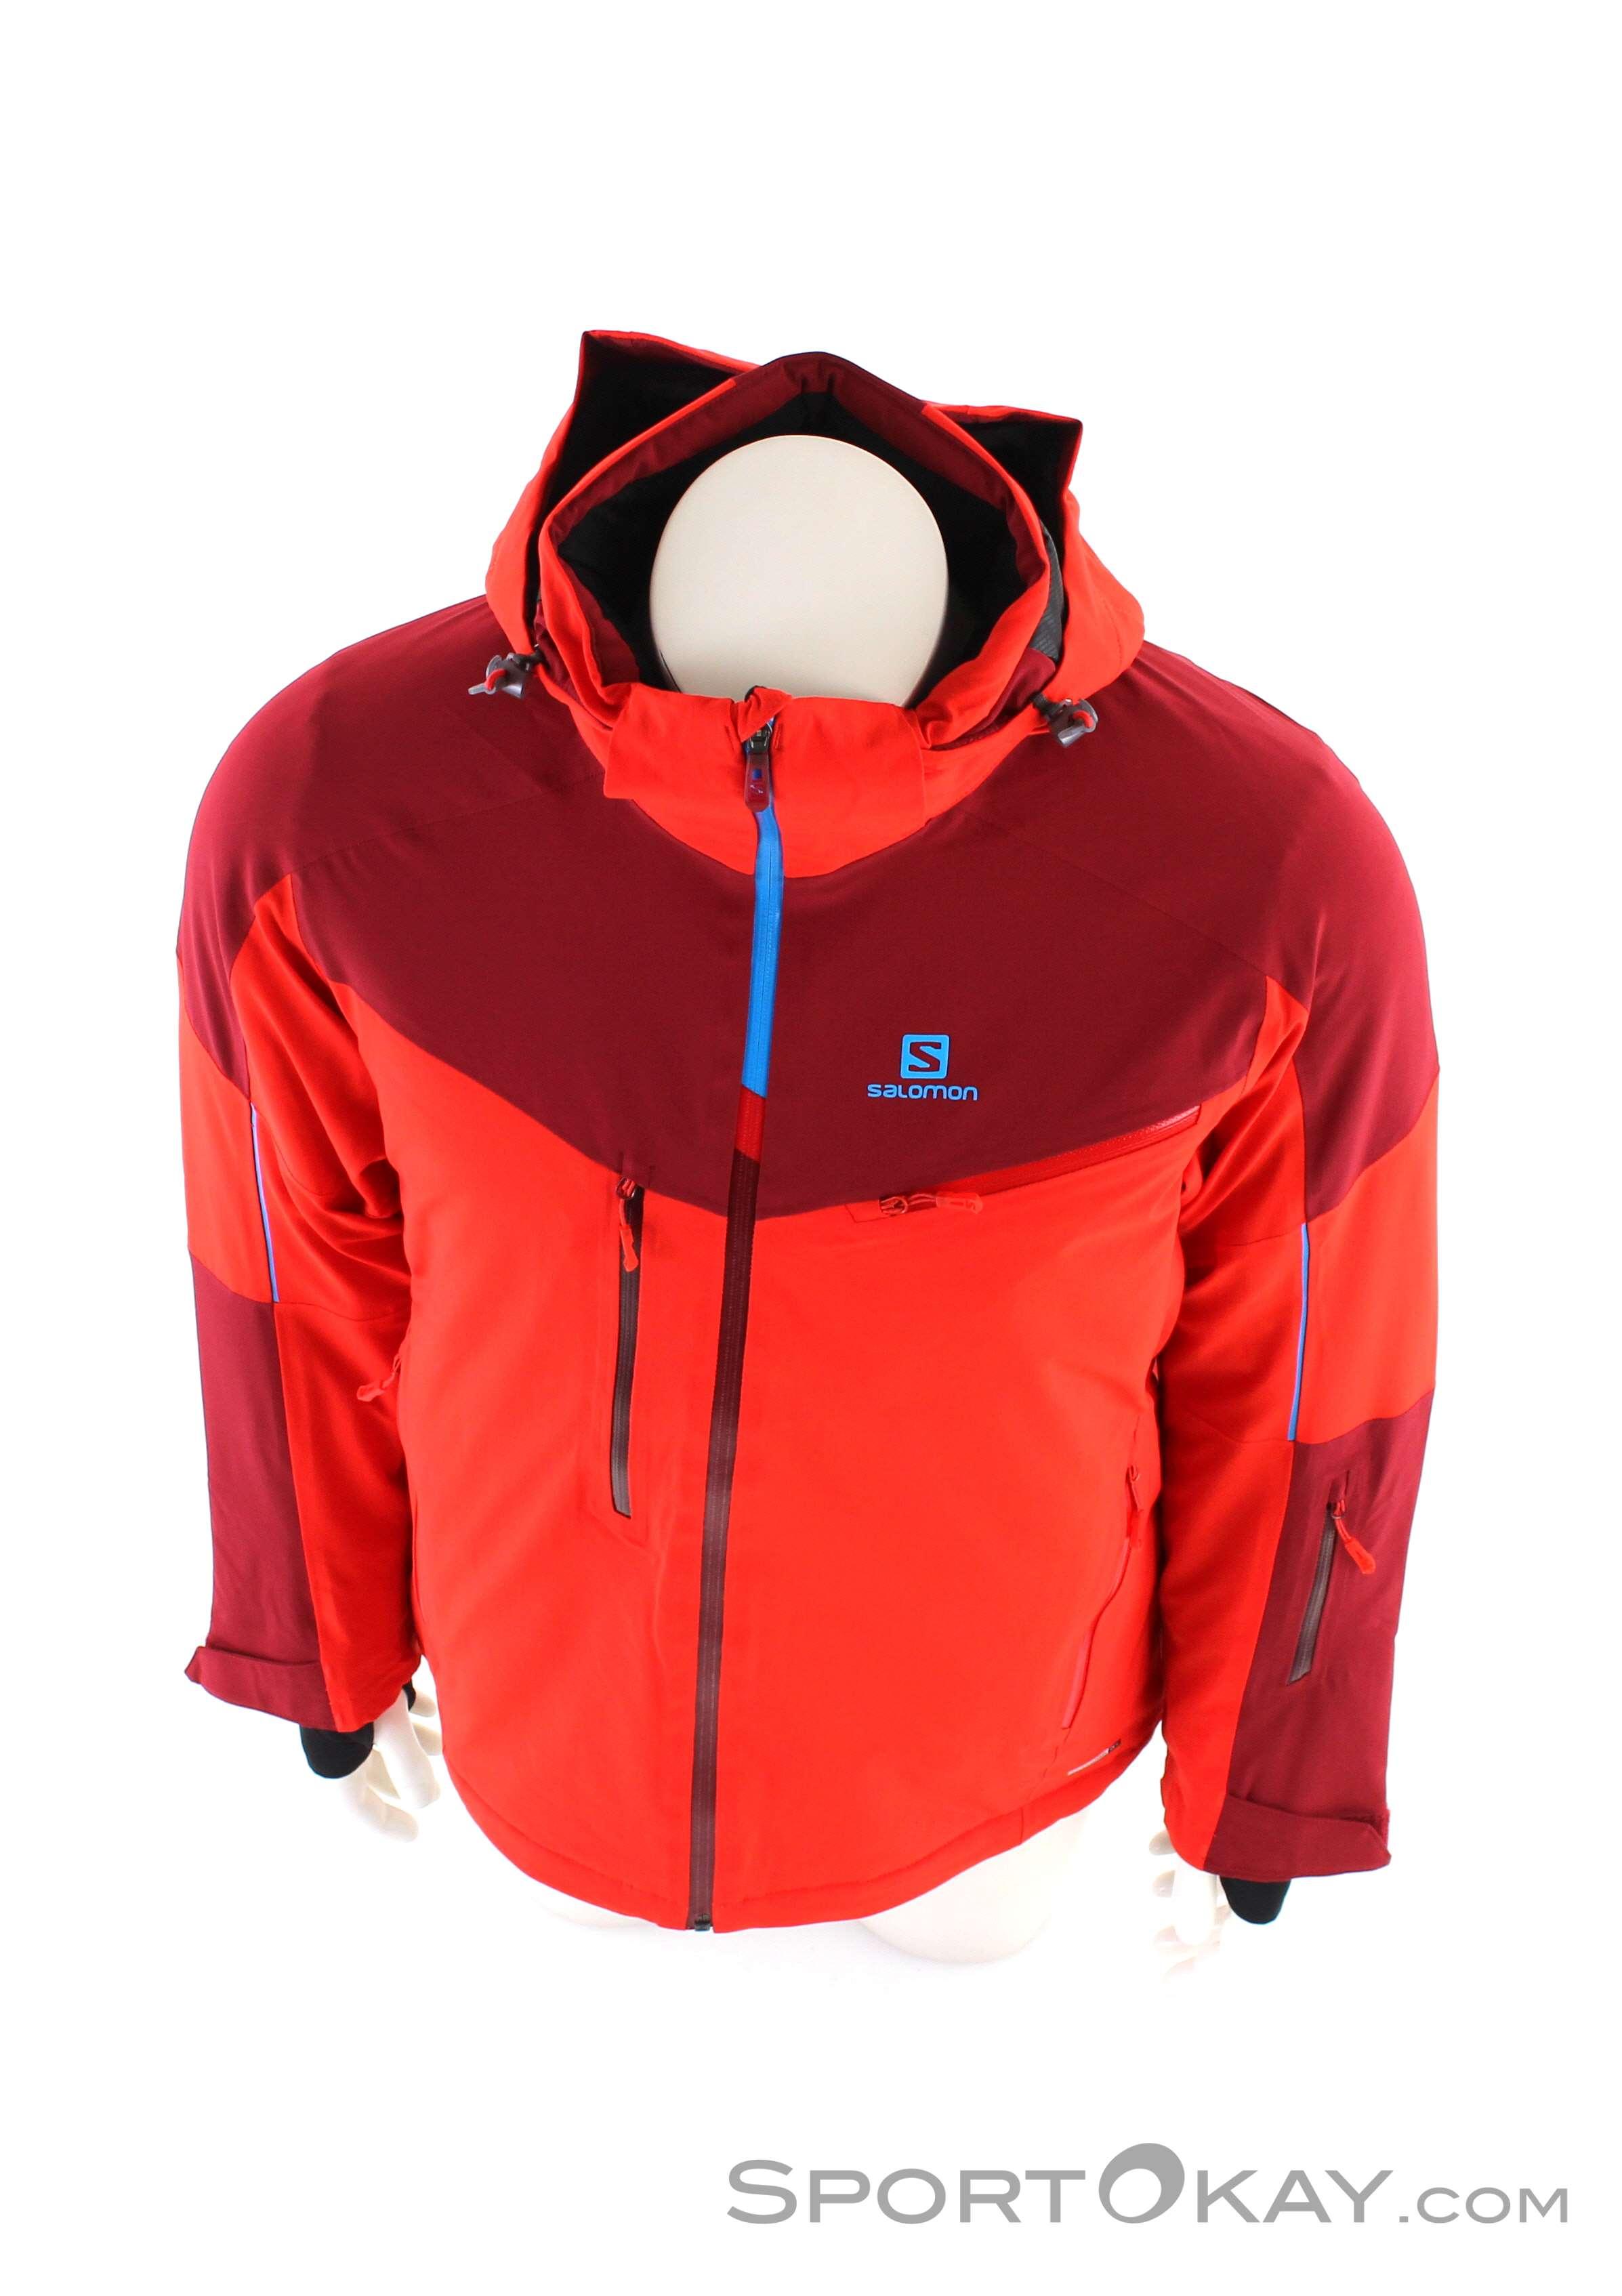 Salomon Salomon Icespeed Jacket Mens Ski Jacket